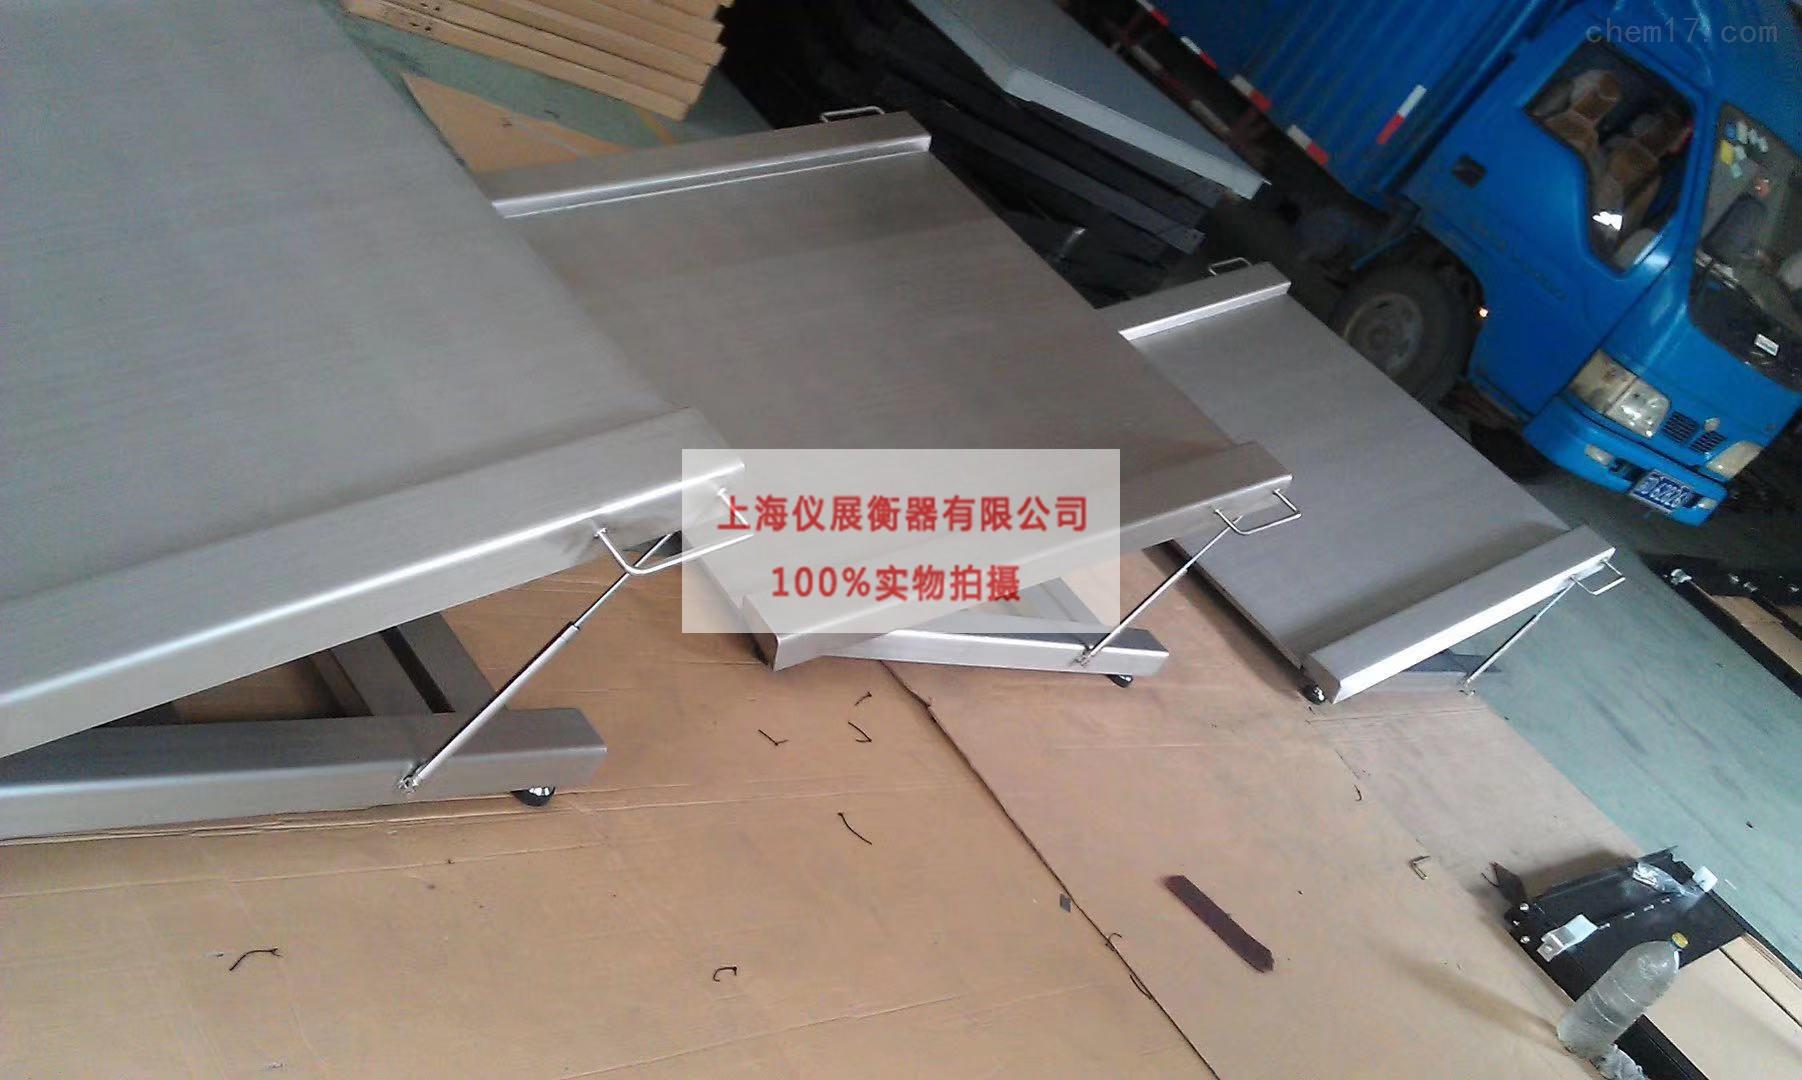 全不锈钢电子地磅 防酸碱盐腐蚀电子磅秤厂